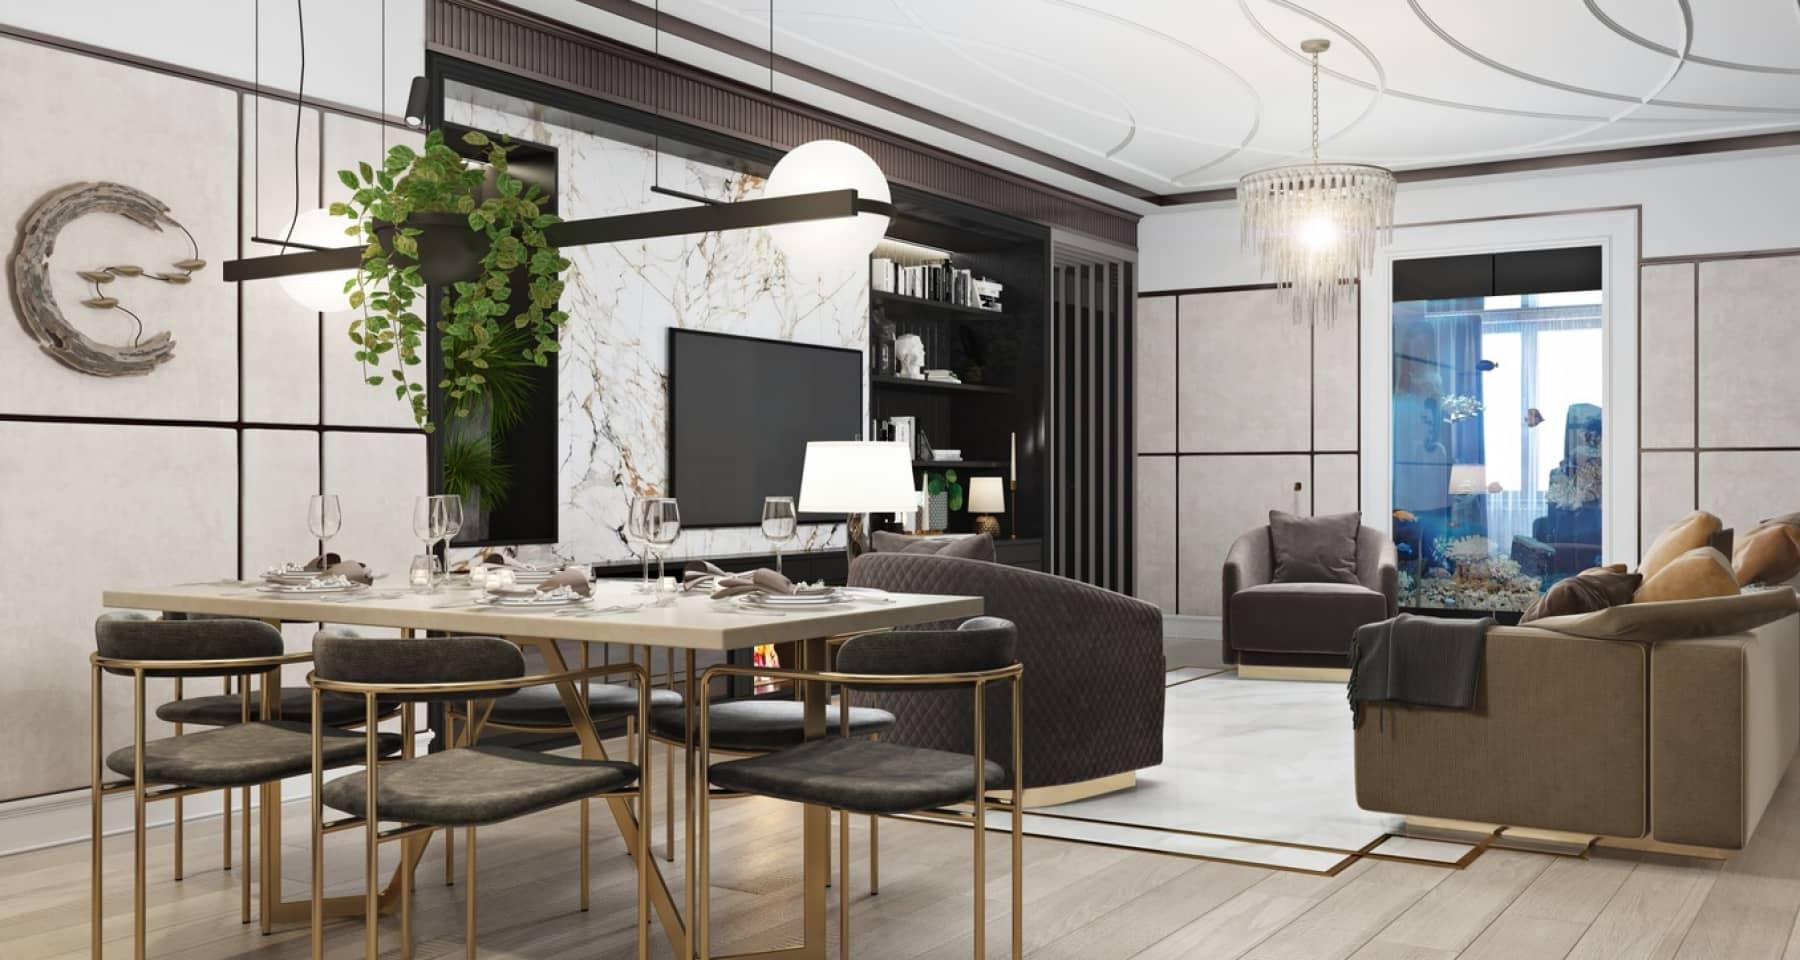 Студийное пространство квартиры в стиле современное ар-деко